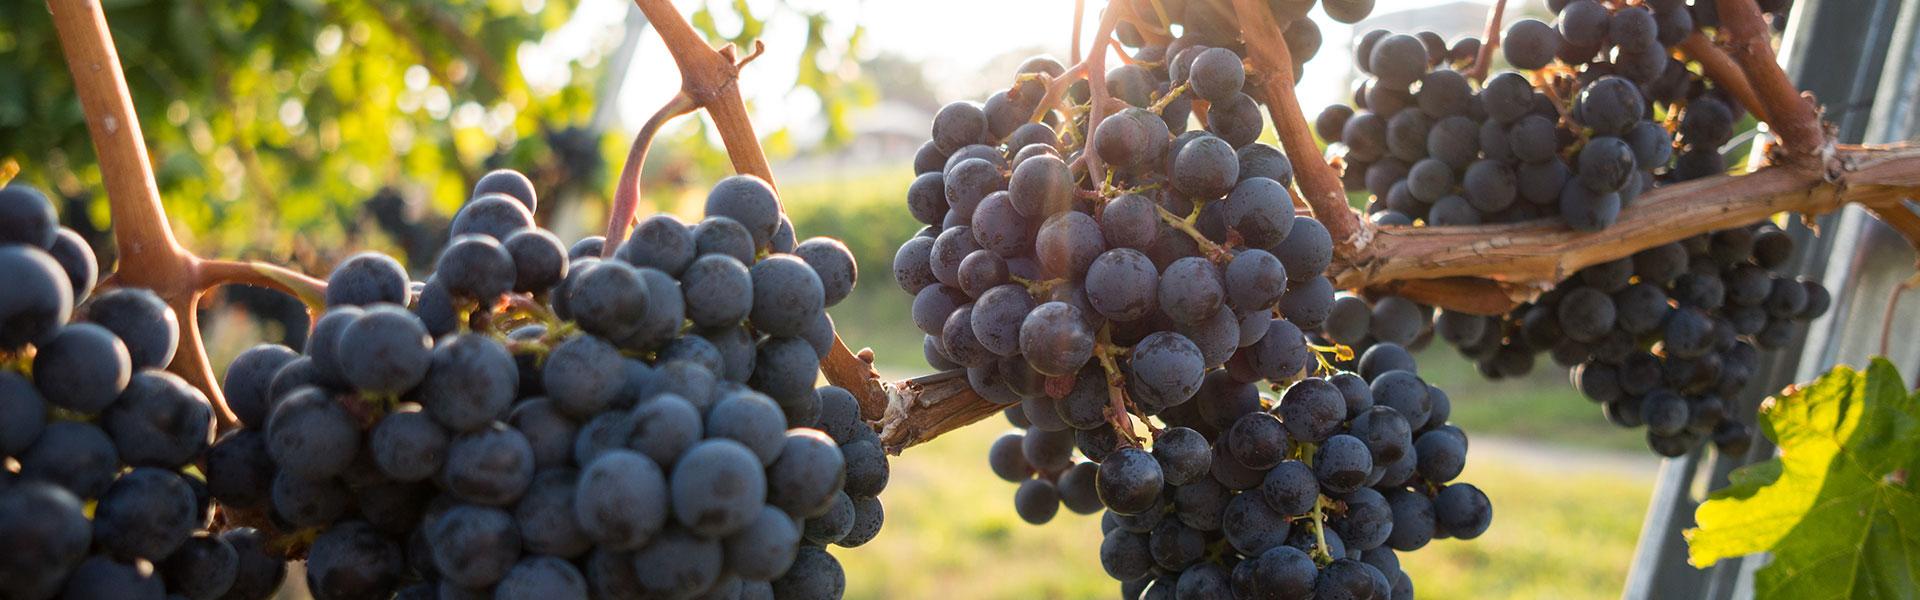 Die 10 meistgepflanzten Weinrebsorten der Welt